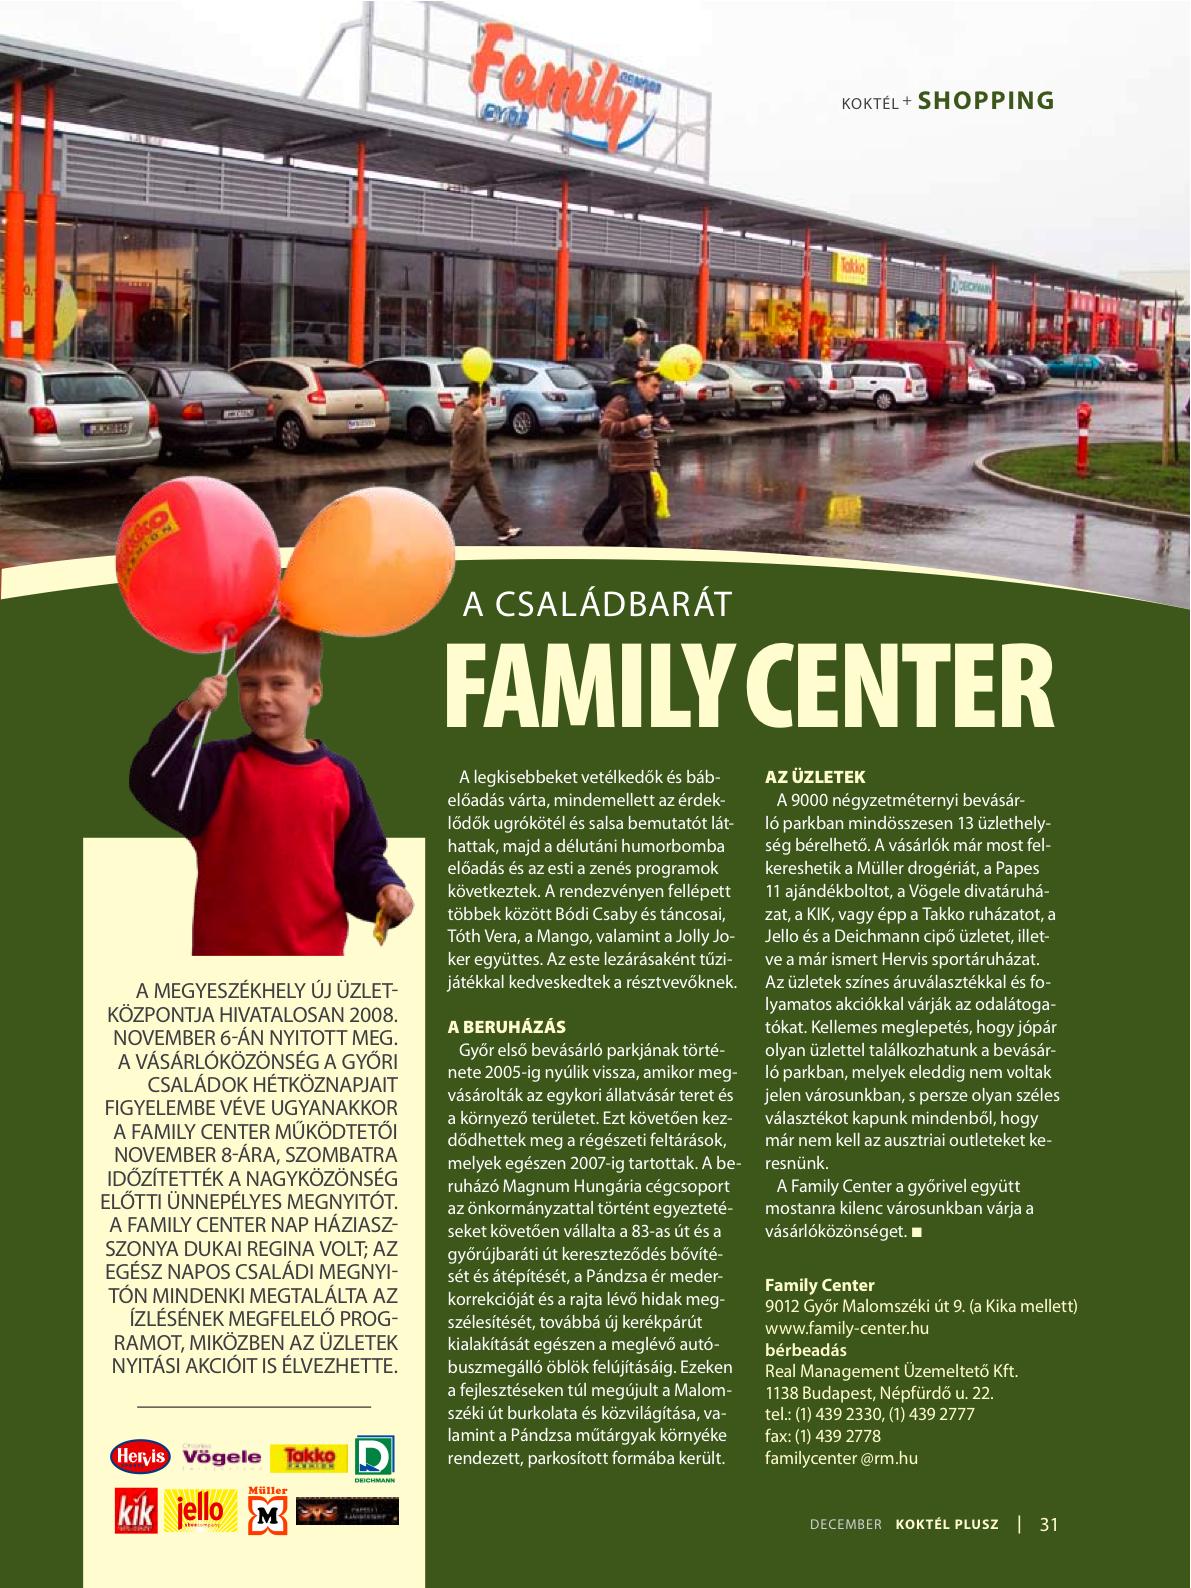 family center: